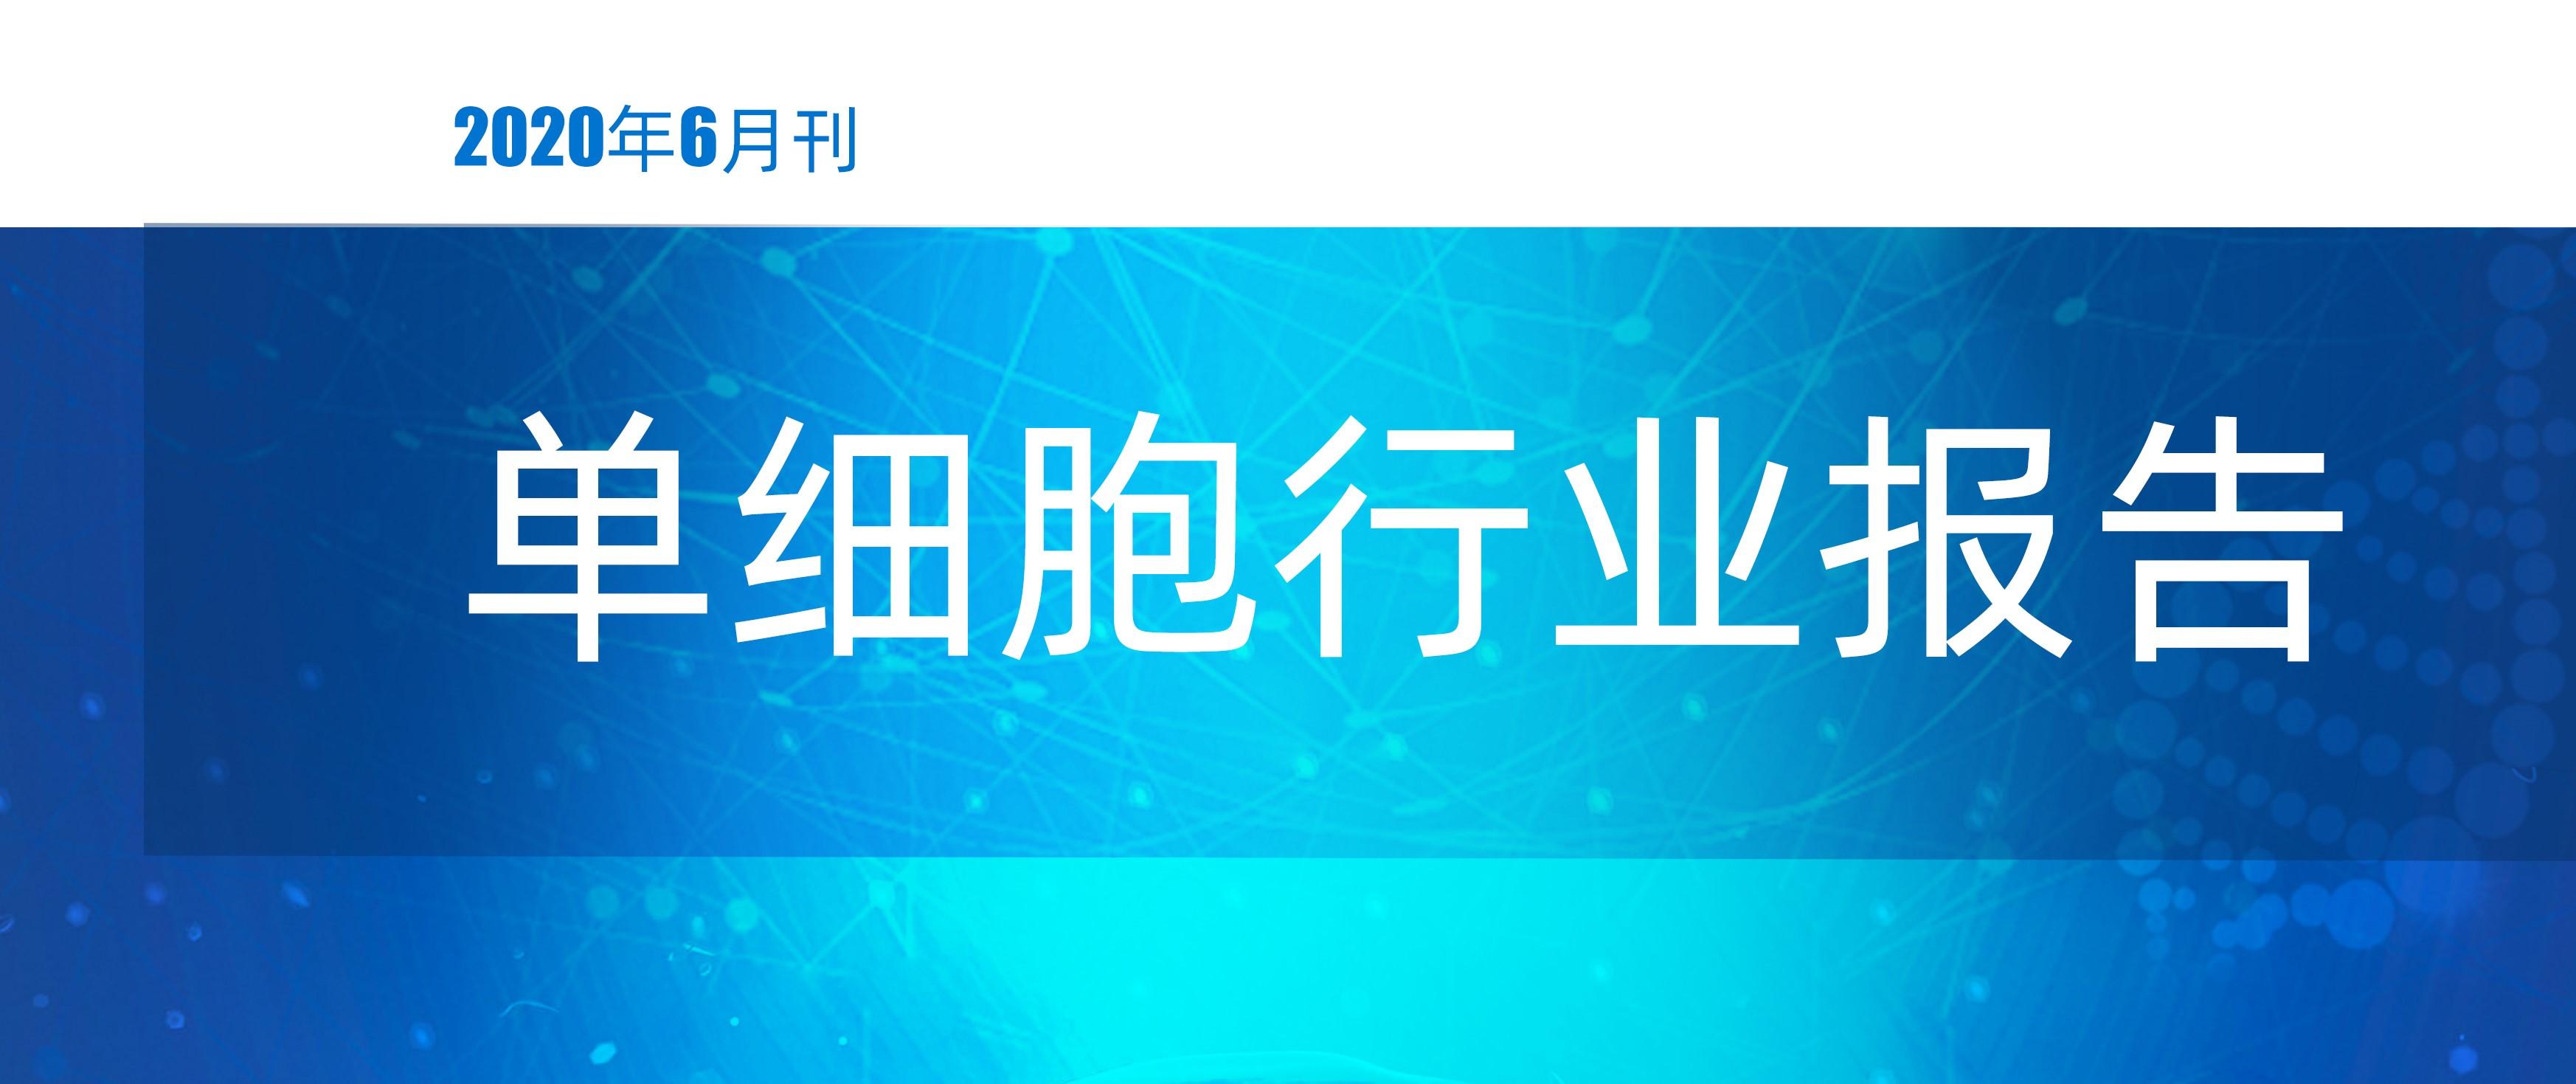 张泽民:单细胞技术将引领新一轮医学技术革命